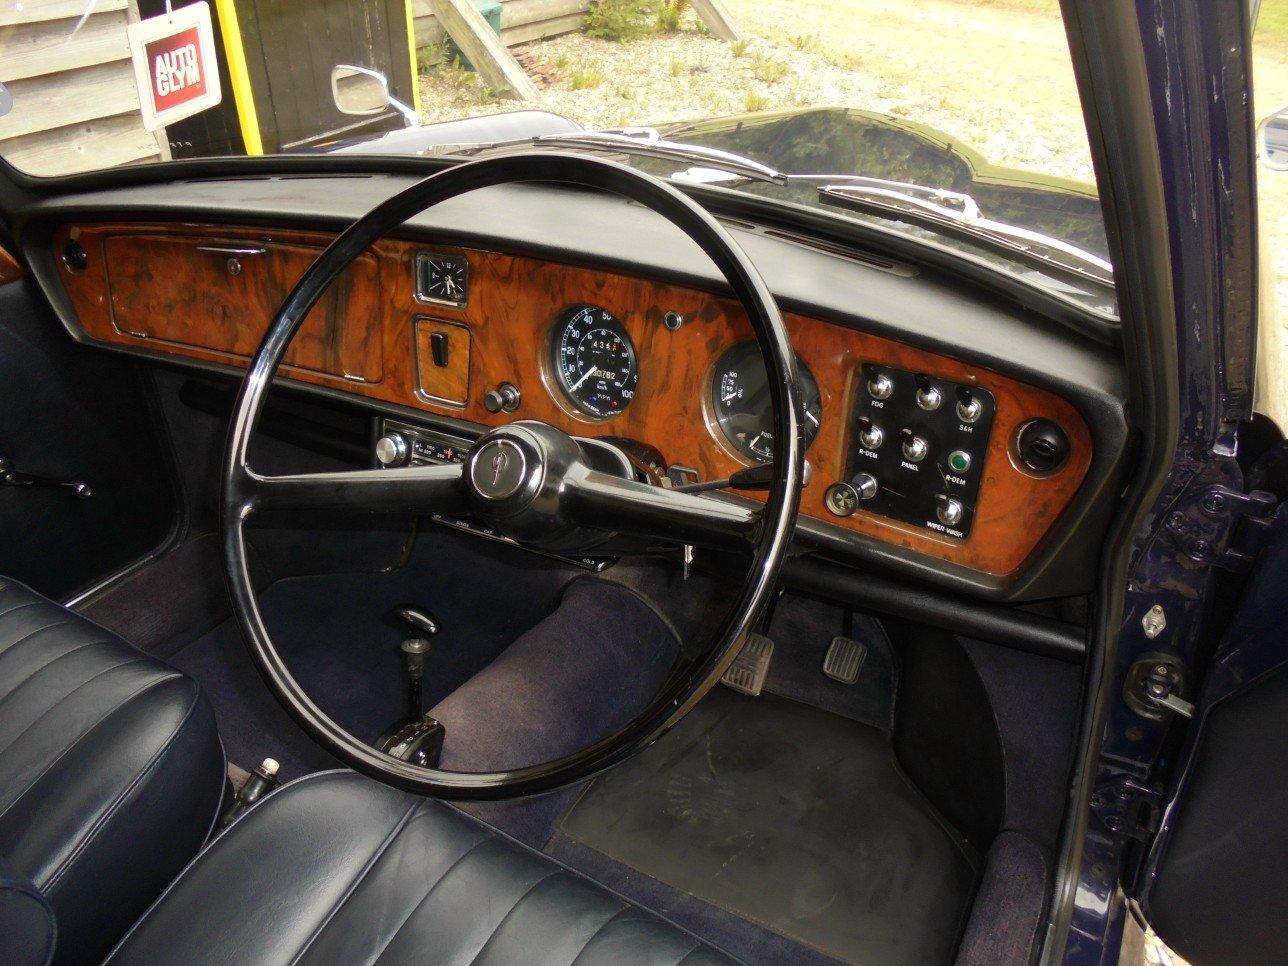 1973 Vanden Plas 1300 MK 111 Automatic 4 Door Saloon. For Sale (picture 4 of 6)